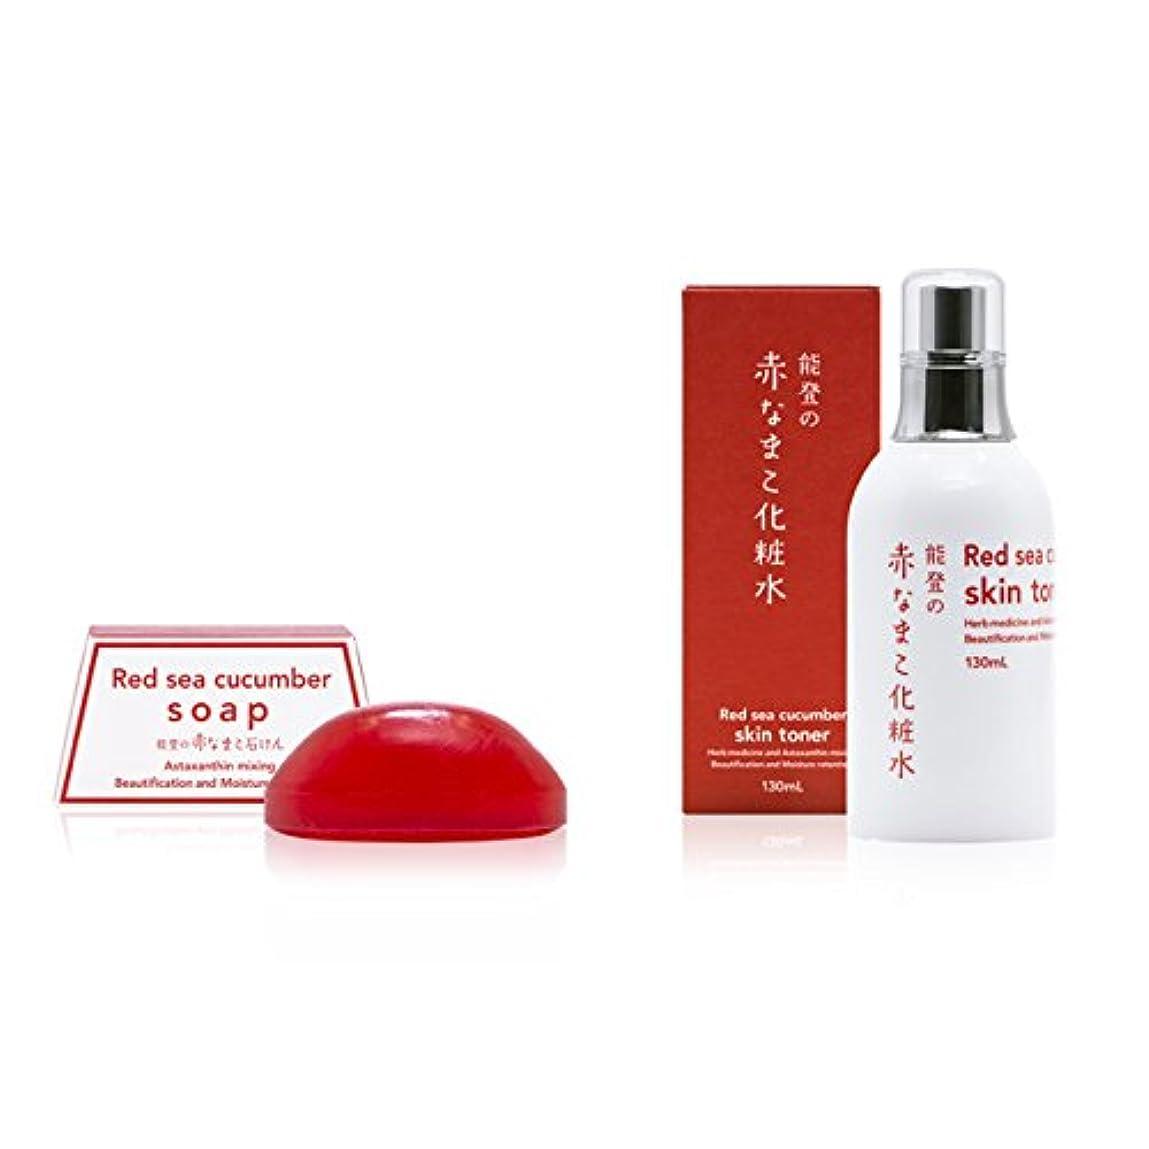 ジョージスティーブンソン深める処方する能登の赤なまこ石けん&能登の赤なまこ化粧水セット